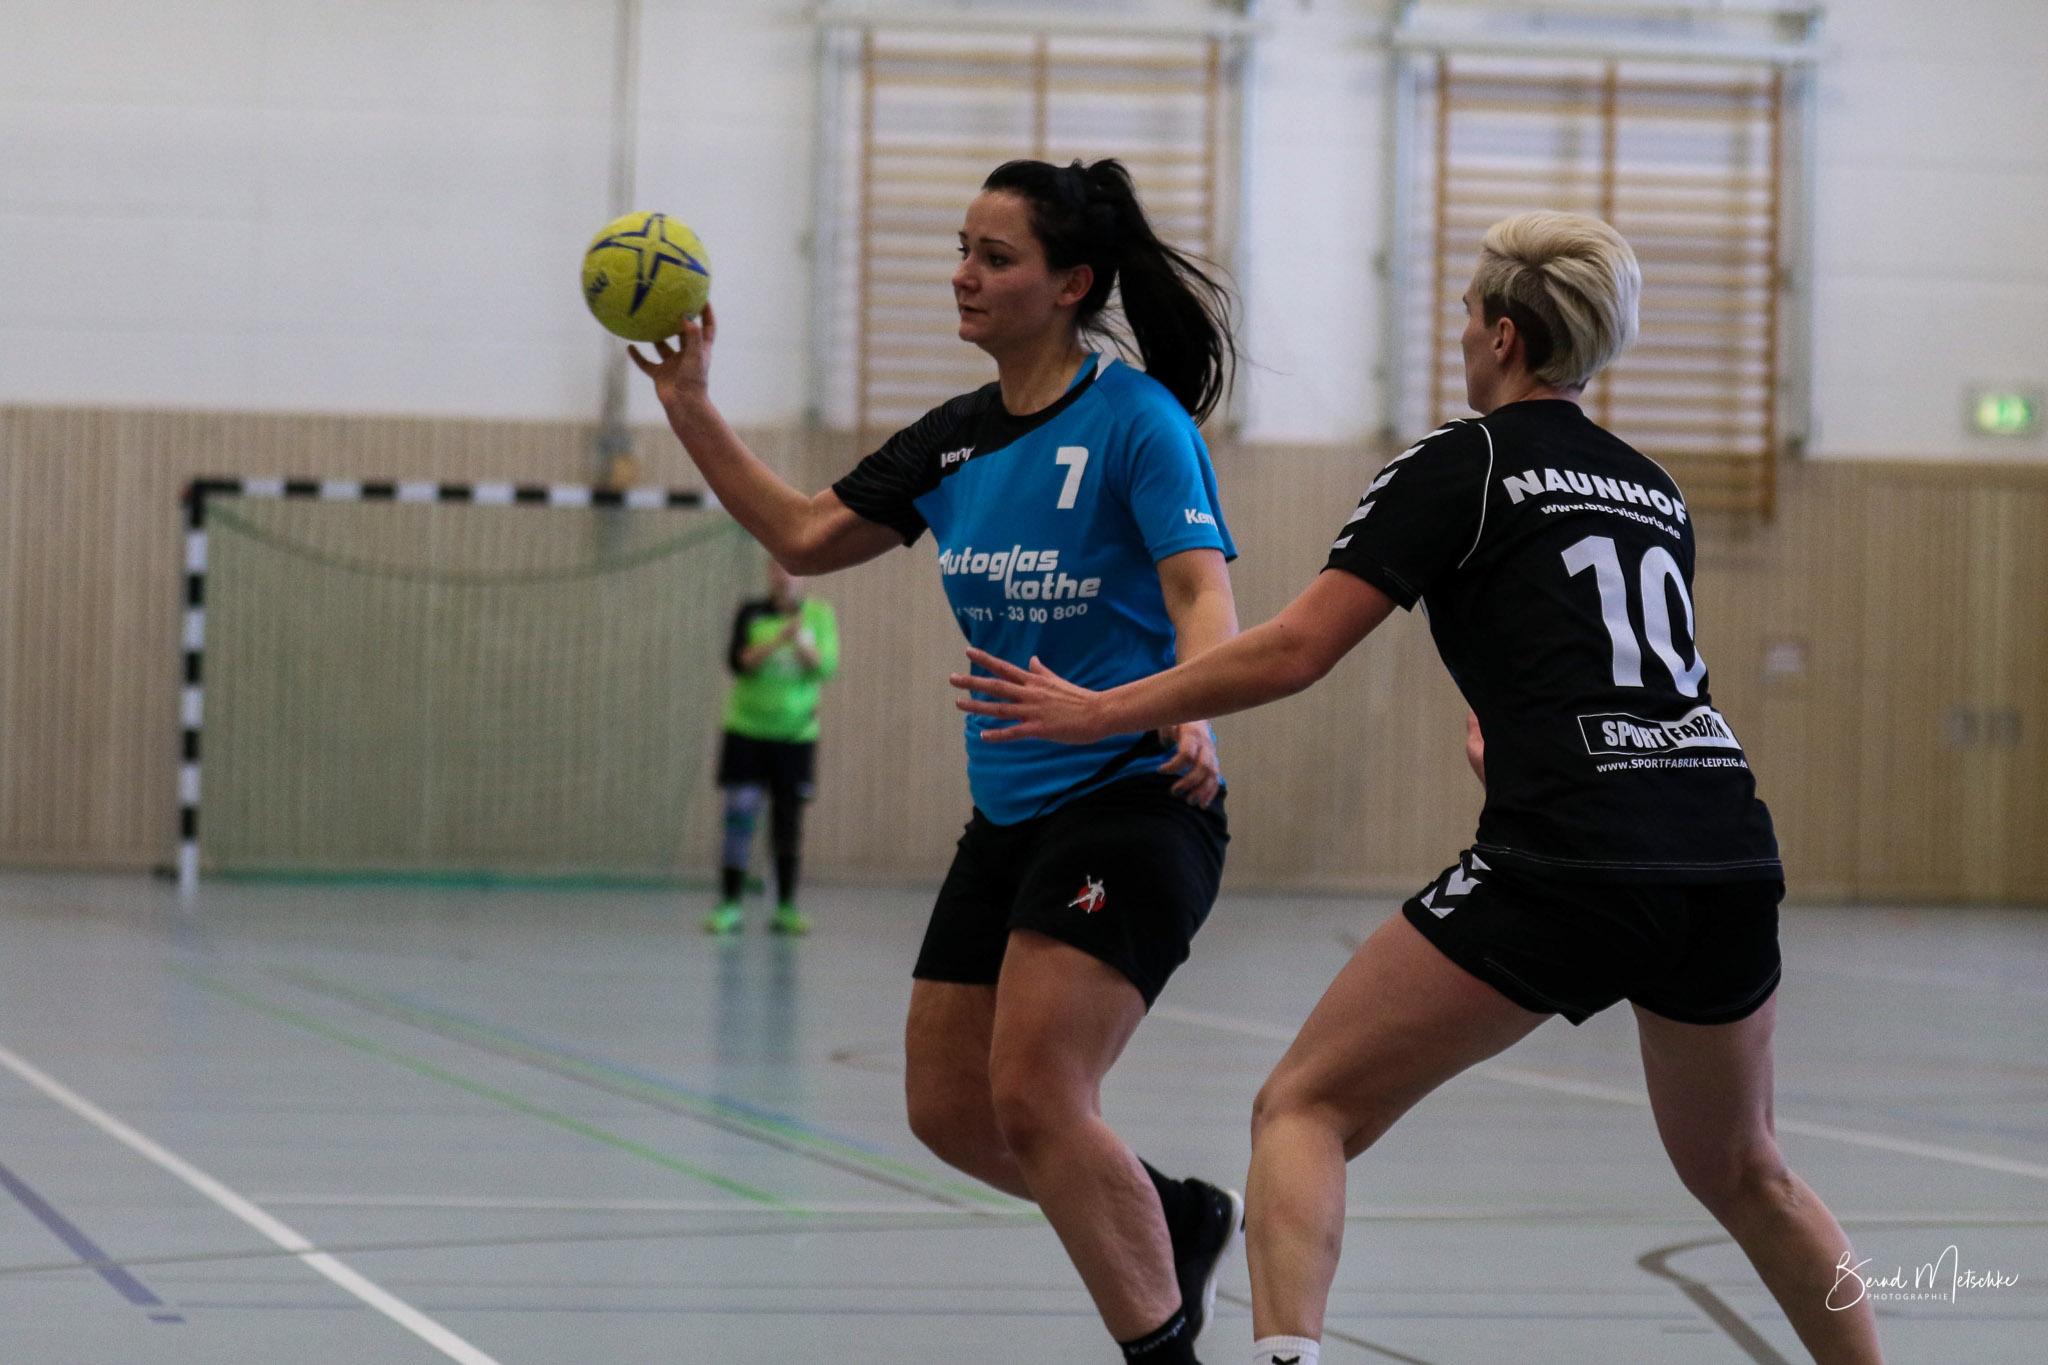 BHC - Naunhof (02/2015)